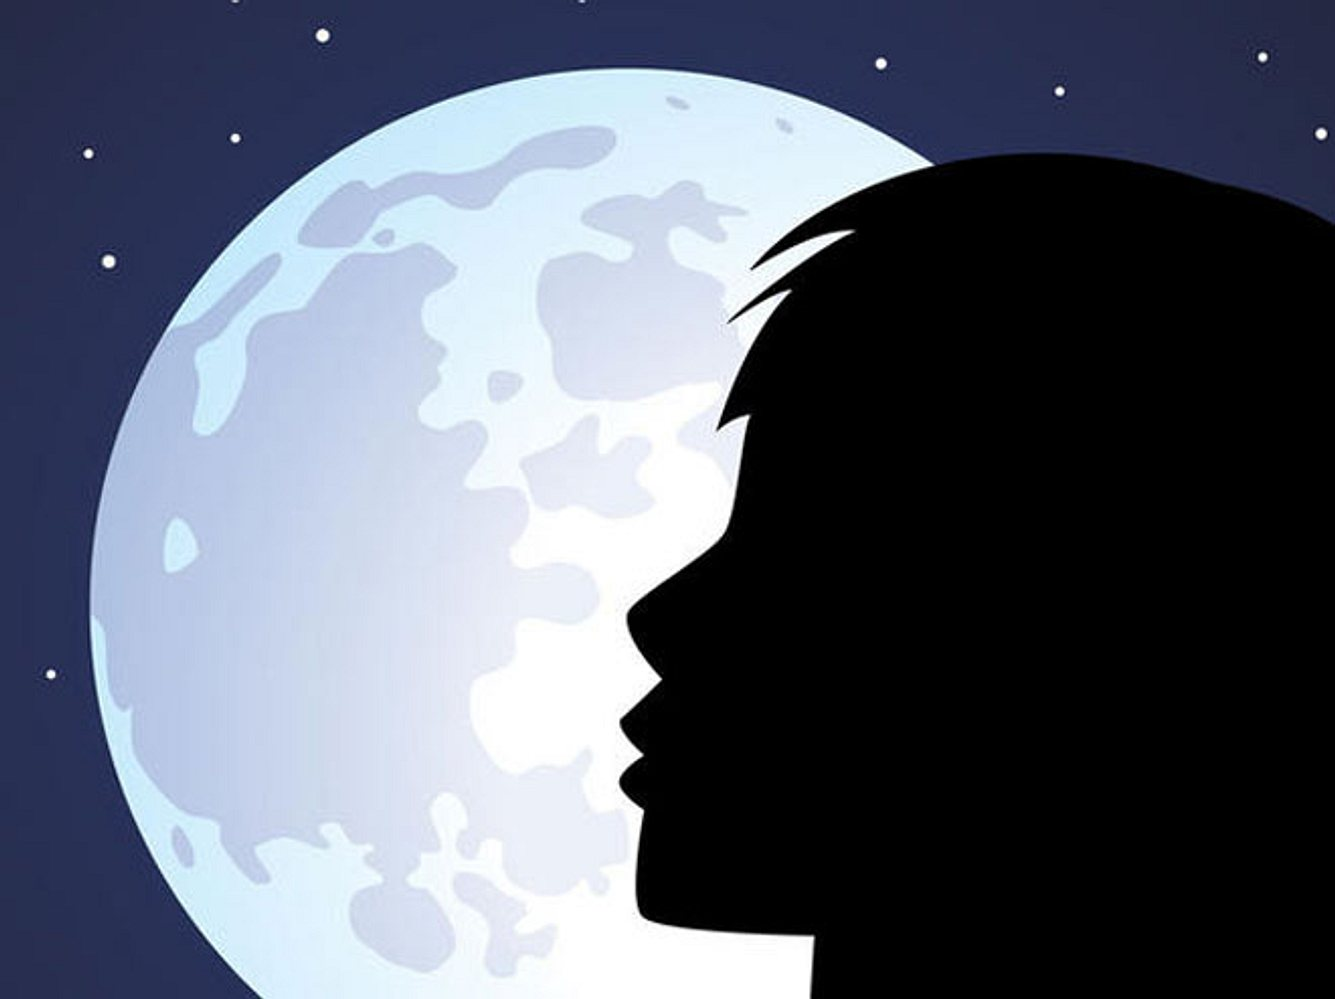 Leben nach dem Mond: Worauf muss ich achten?